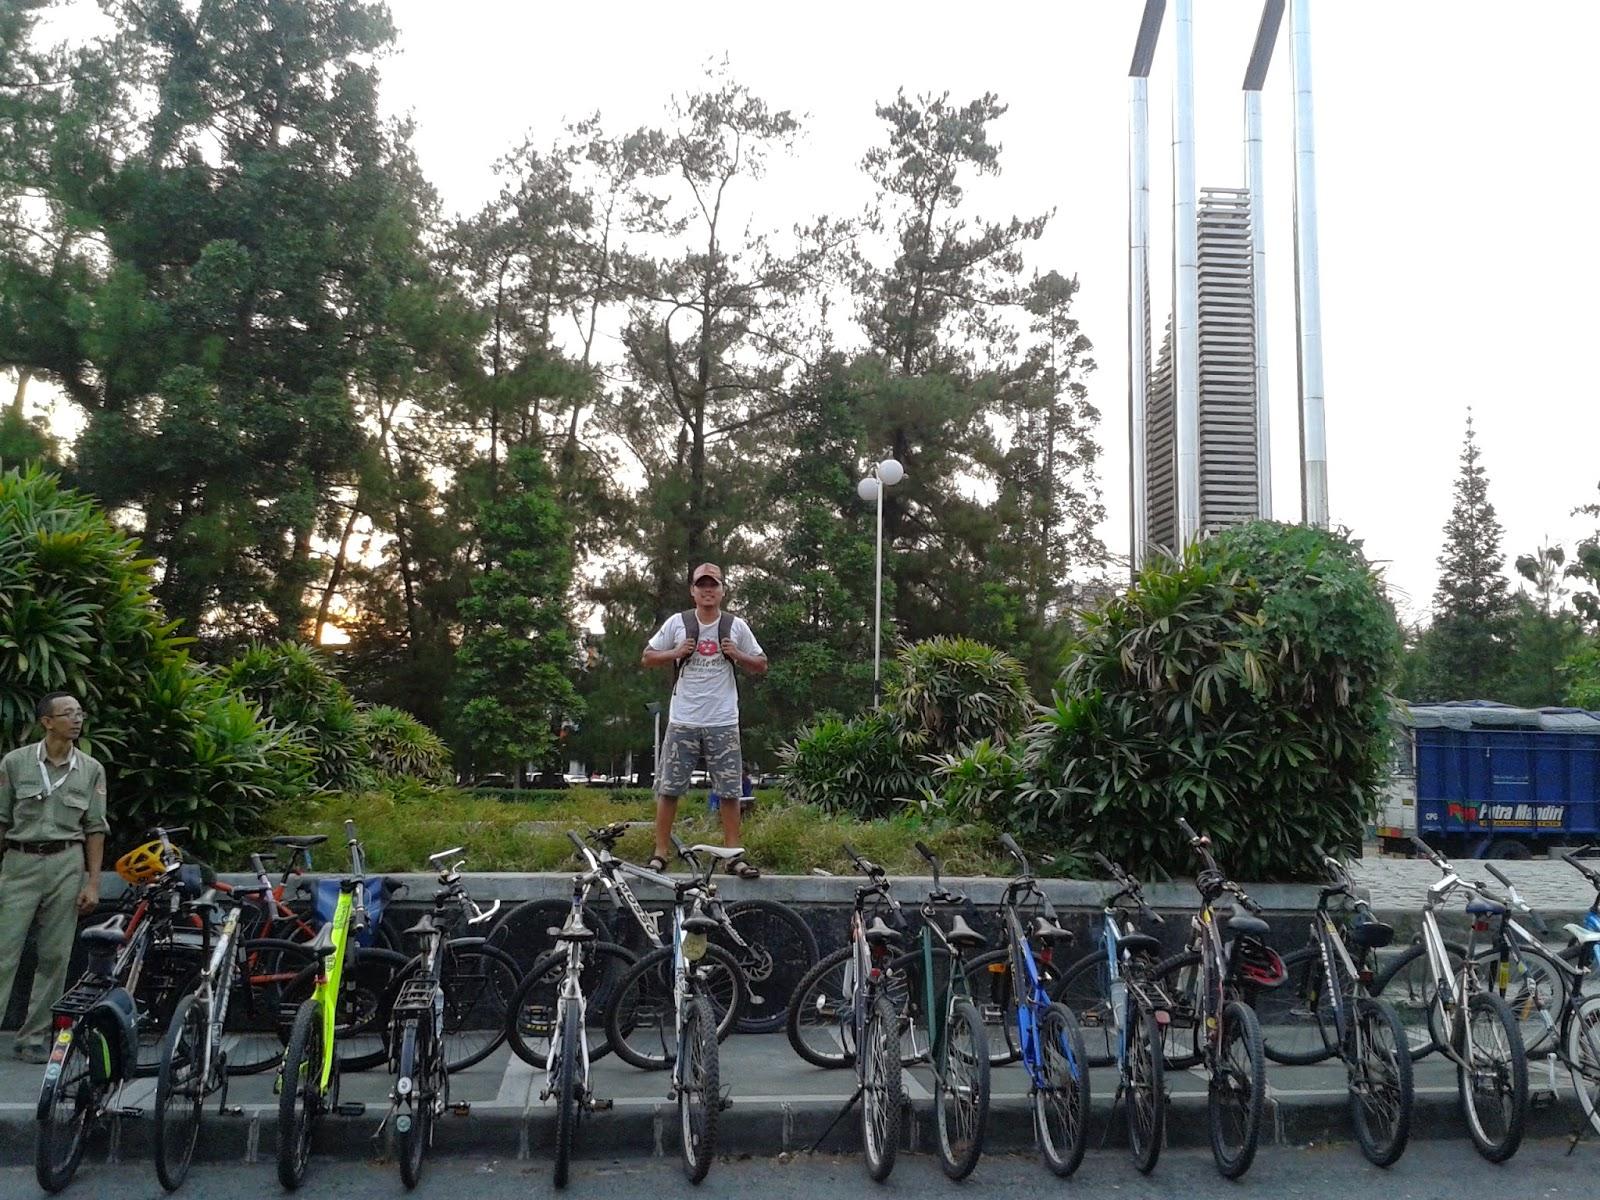 Sepedanya terpakir rapi lagi